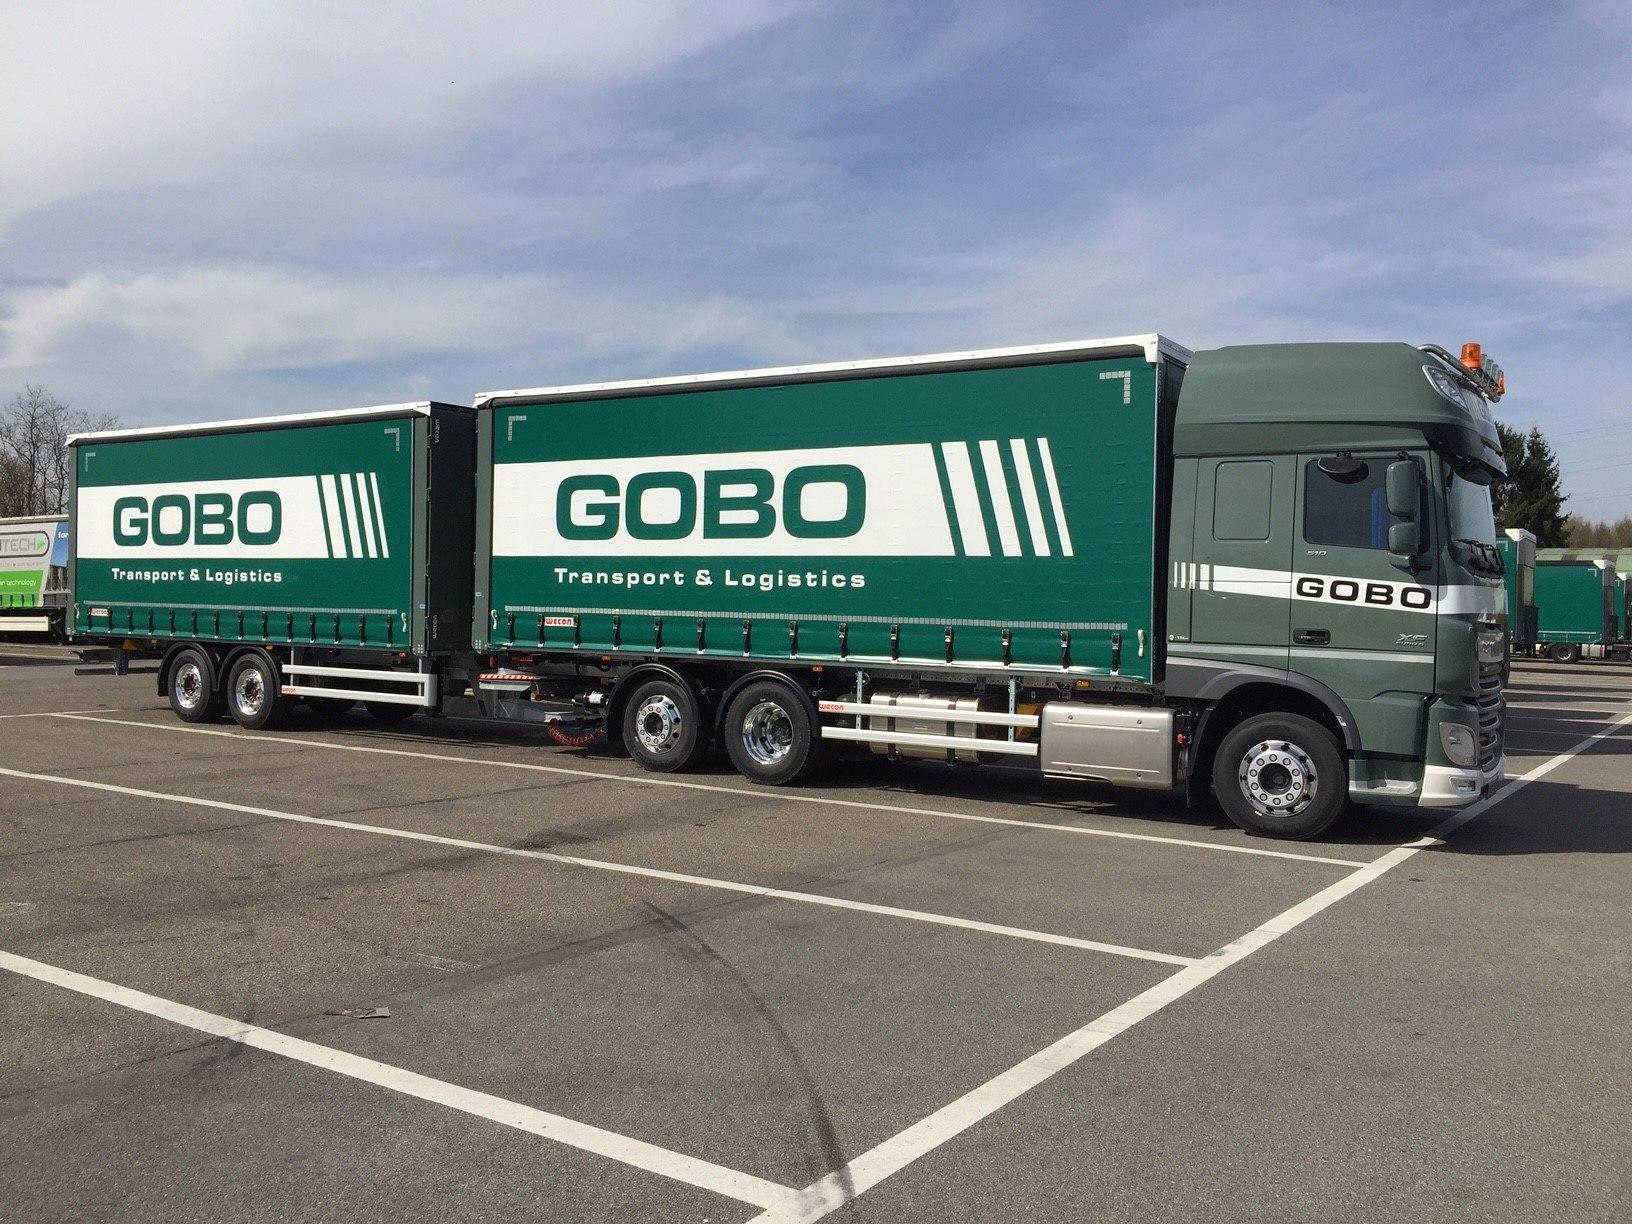 Vanaf-maandag-zal-hij-te-zien-zijn-op-Belgische-en-Franse-wegen-Motorwagen-Daf-510-pk-opbouw-van-Wecon--Is-een-doorlader-met-extra-stevige-vloer--schuifdak